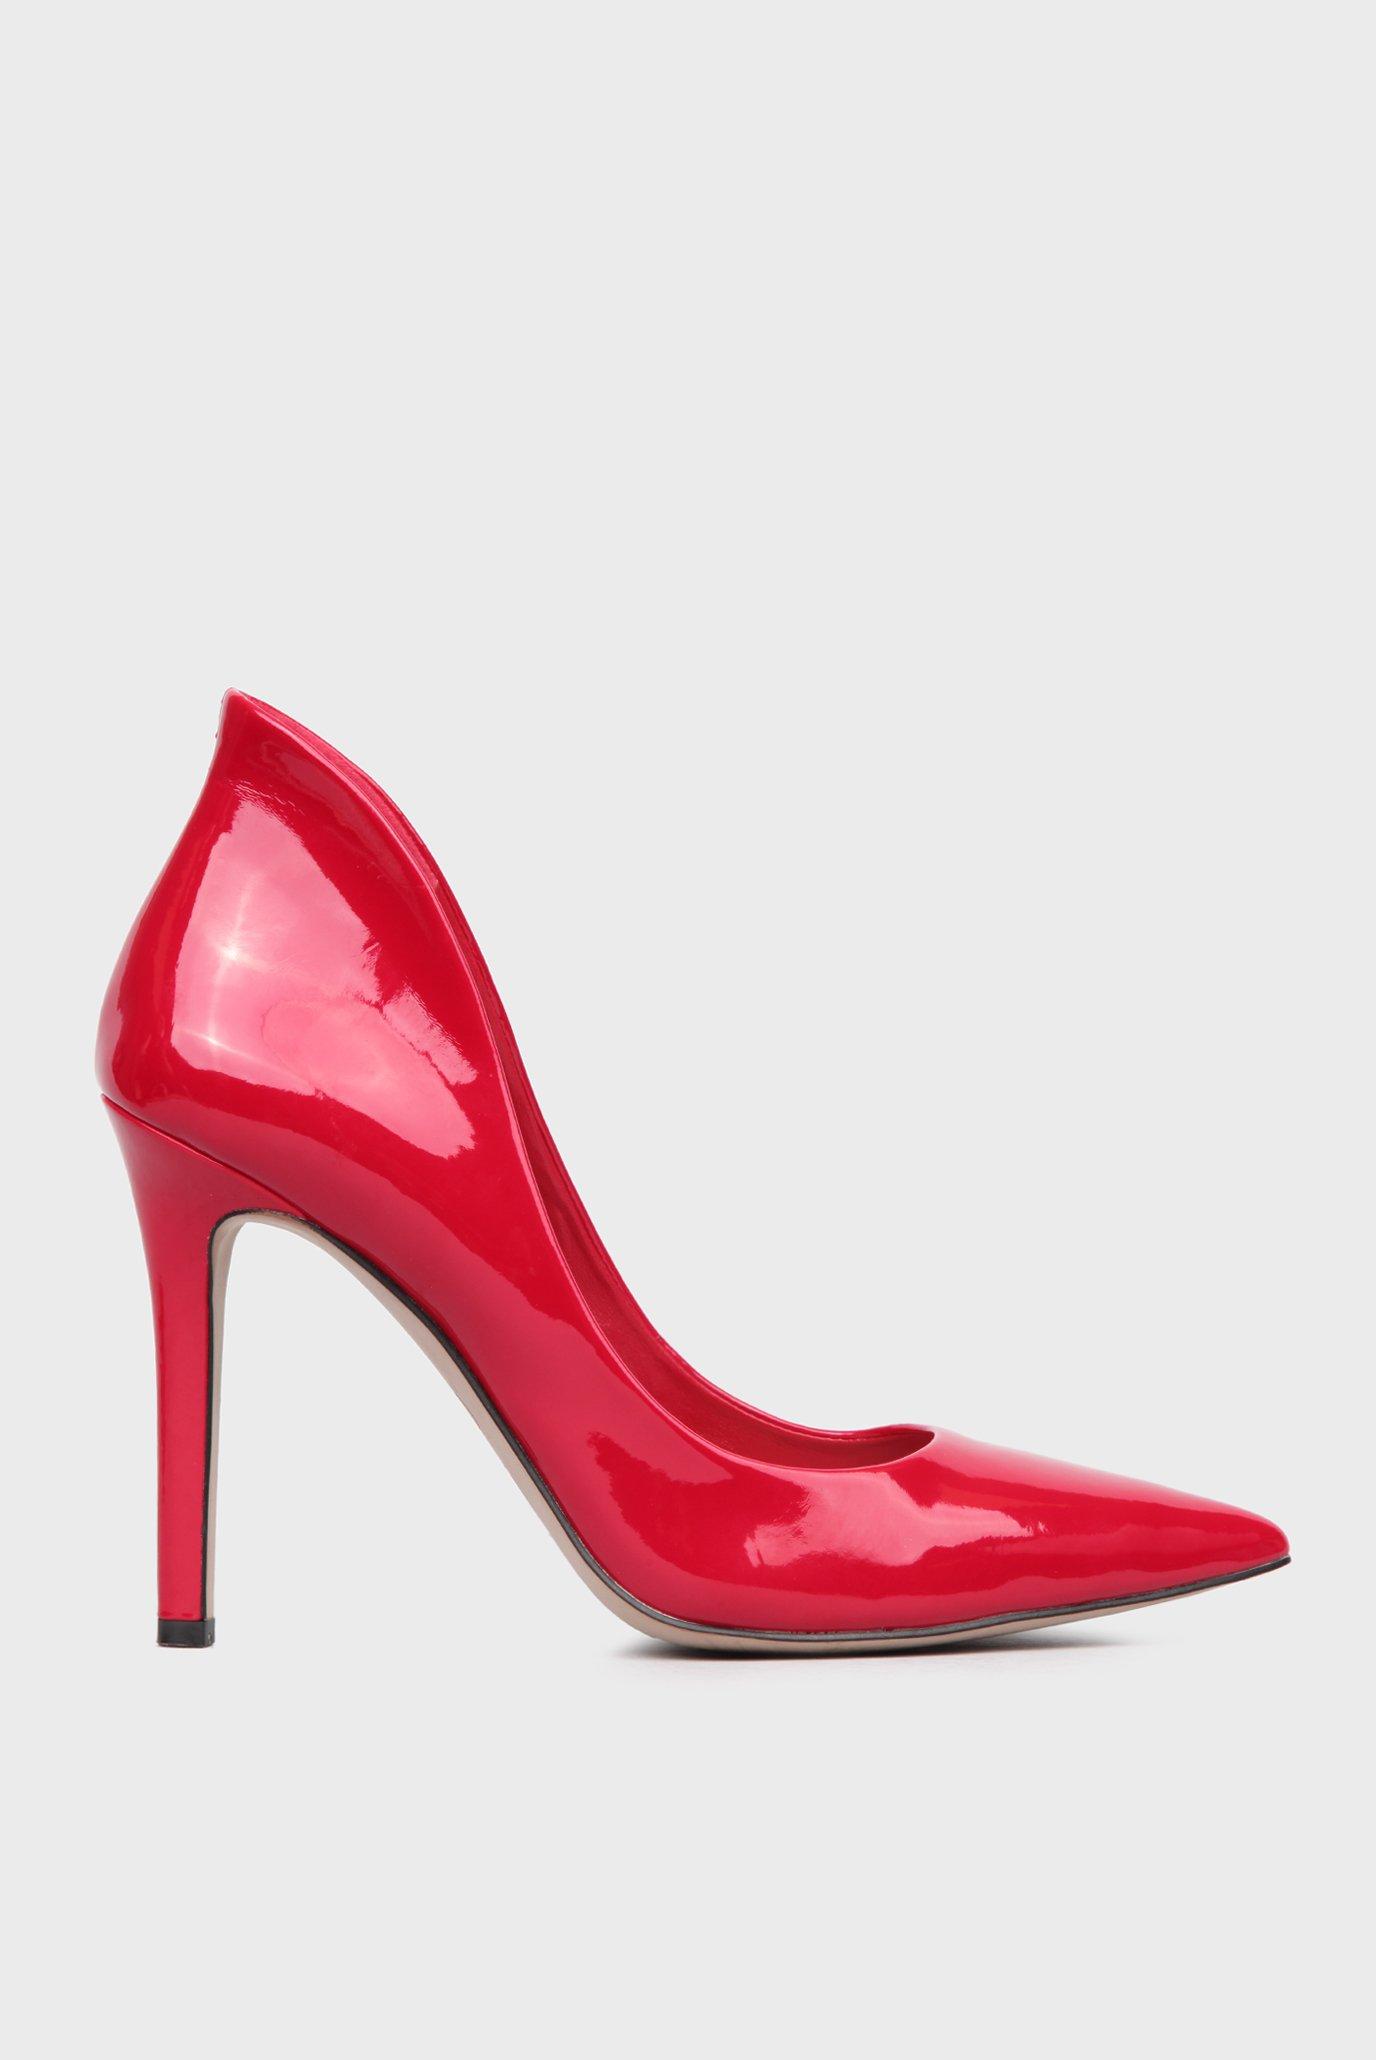 Купить Женские красные лакированные лодочки Jessica Simpson Jessica Simpson JS-CAMBREDGE – Киев, Украина. Цены в интернет магазине MD Fashion